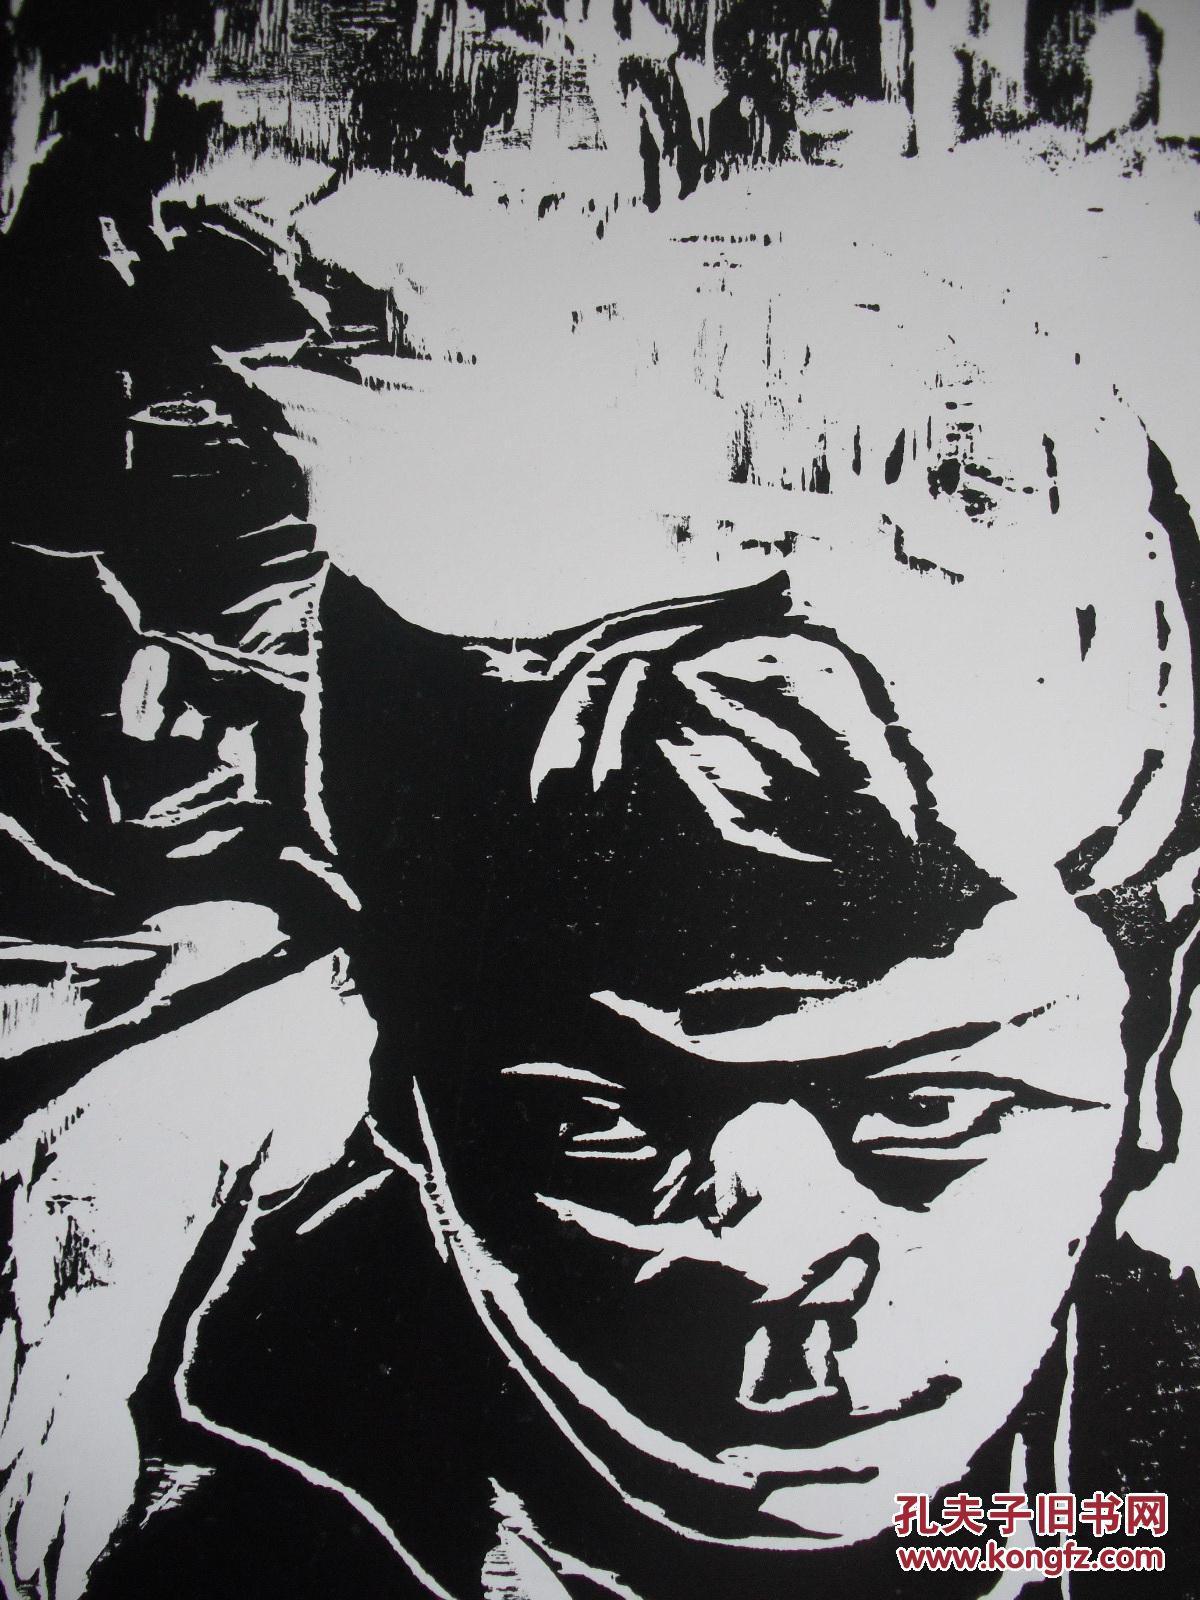 黑白木刻版画人物头像